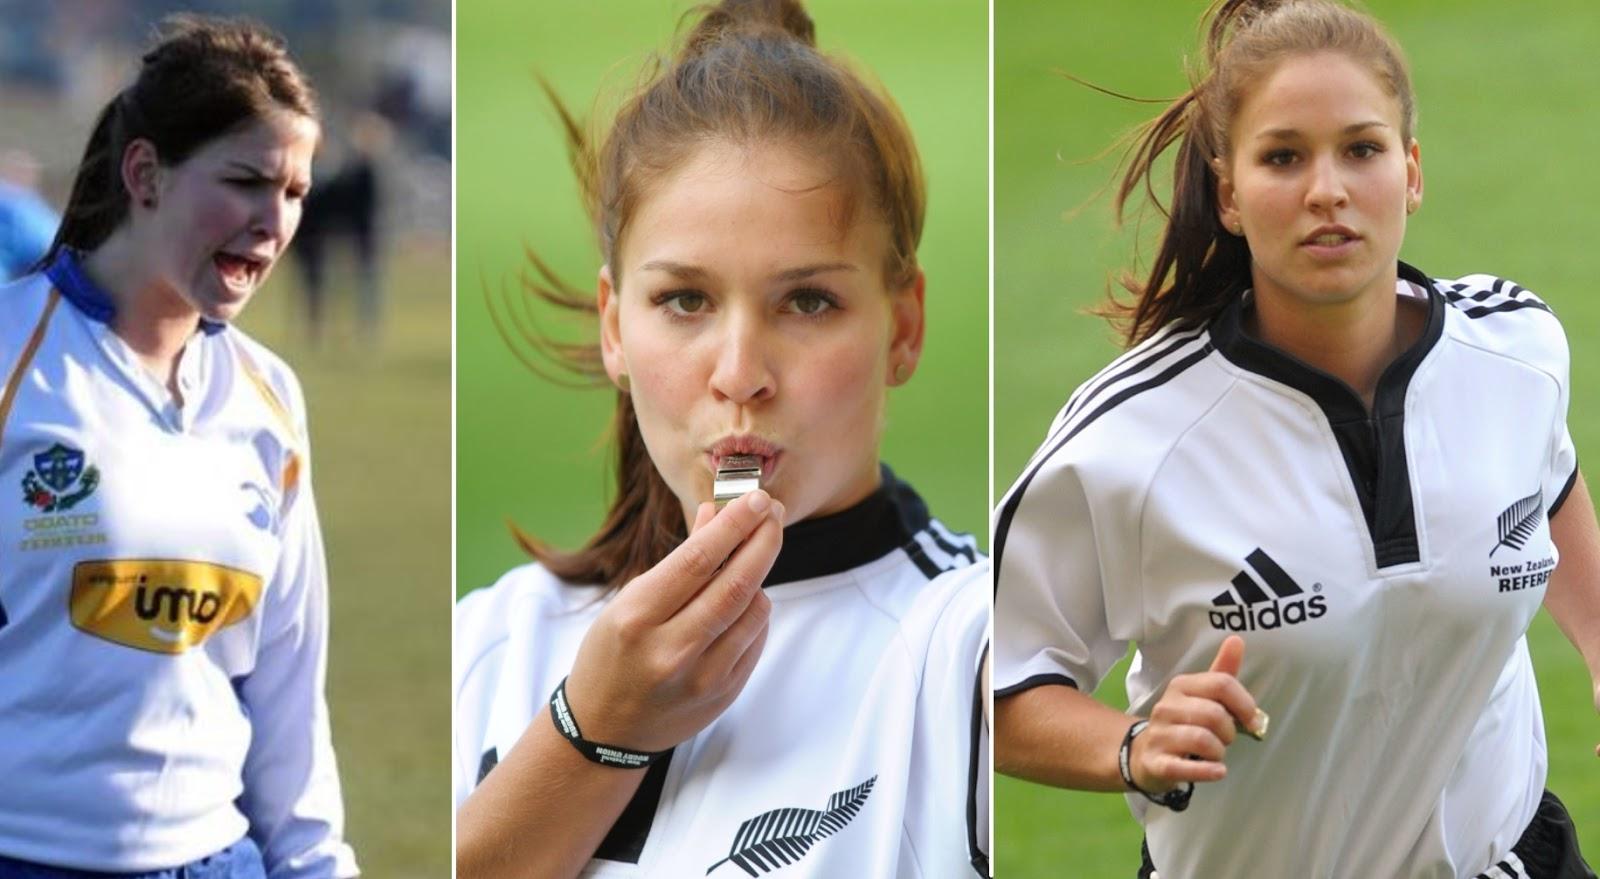 Na njih se niko ne ljuti: Najzgodnije sportske sutkinje na svijetu